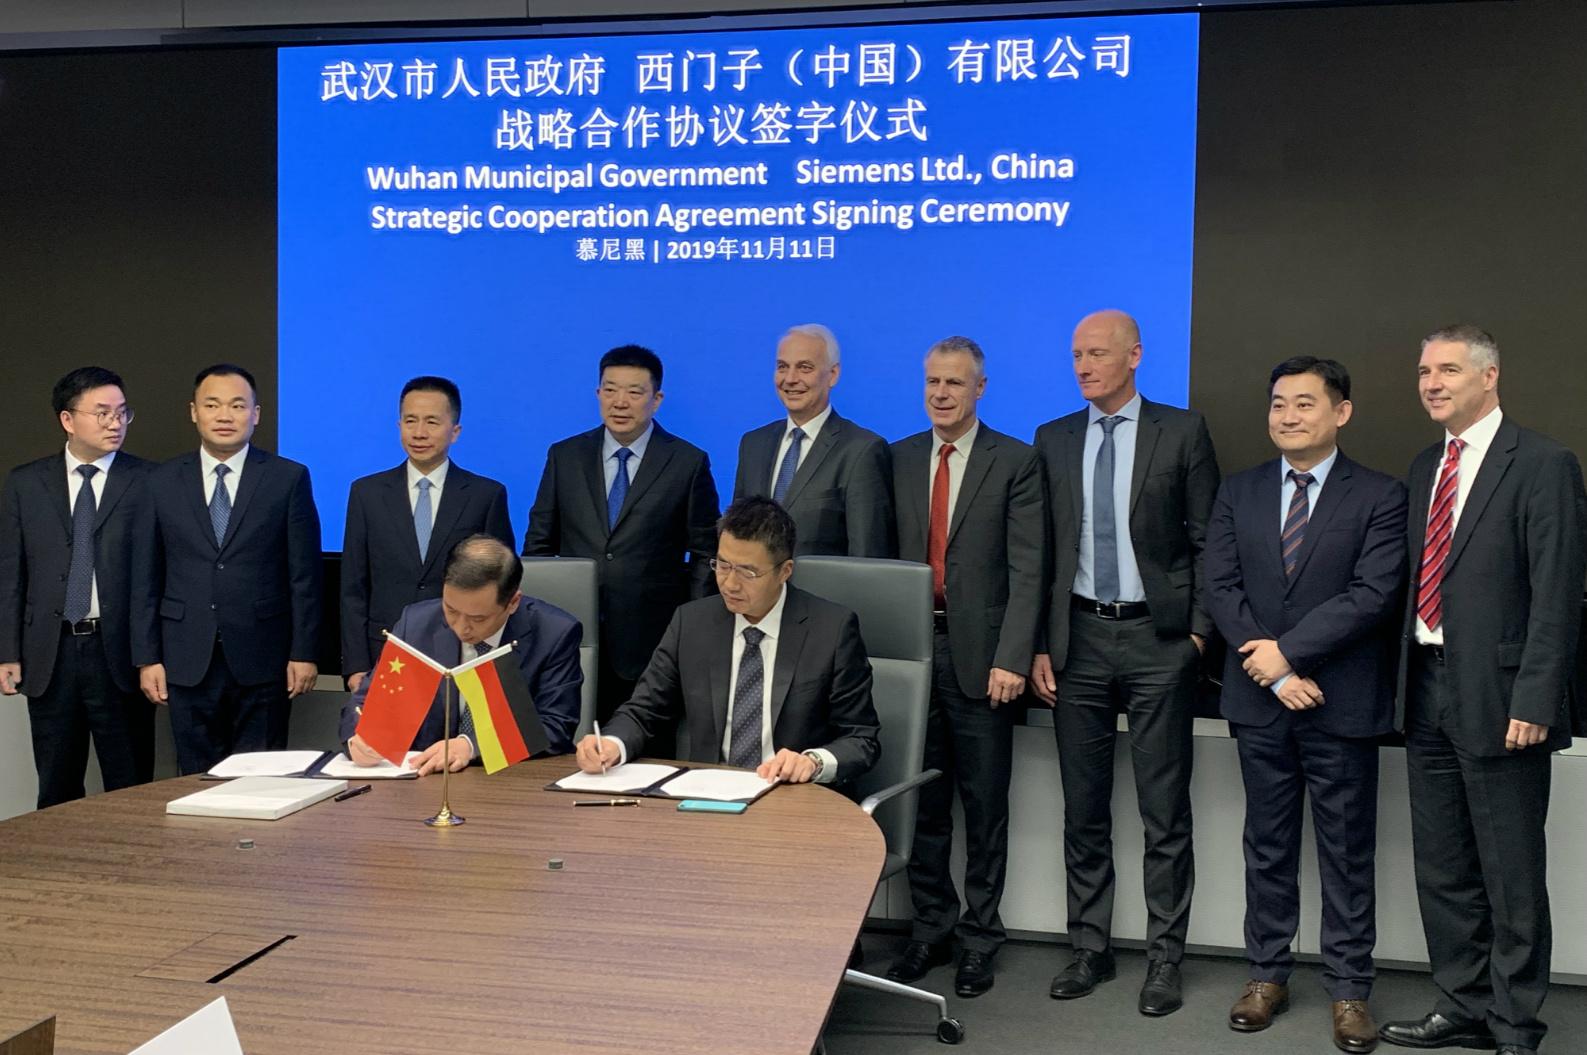 西门子与武汉市政府签署协议,助力推进武汉的产业转...